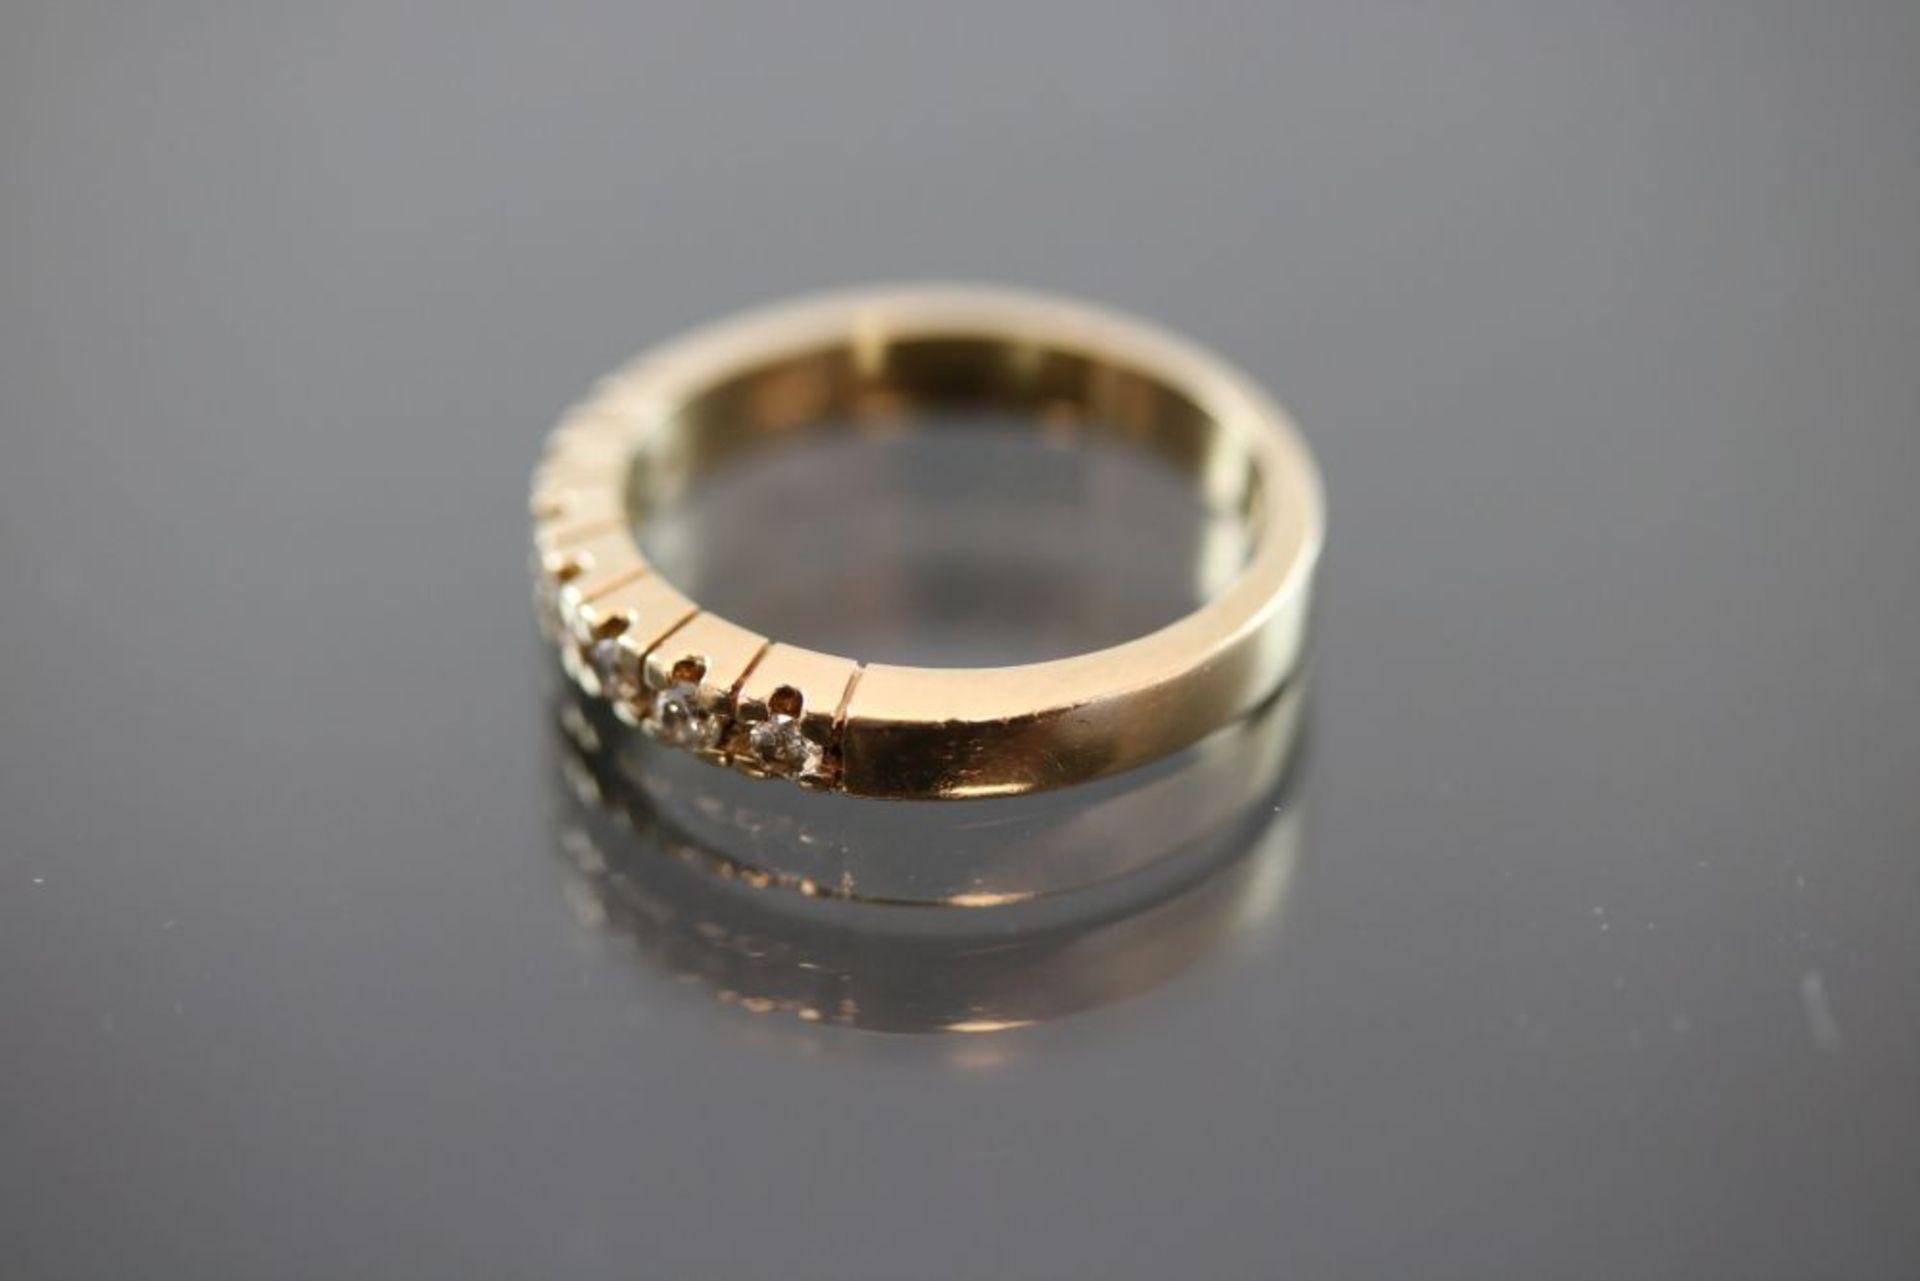 Brillant-Ring, 585 Gold - Bild 2 aus 3